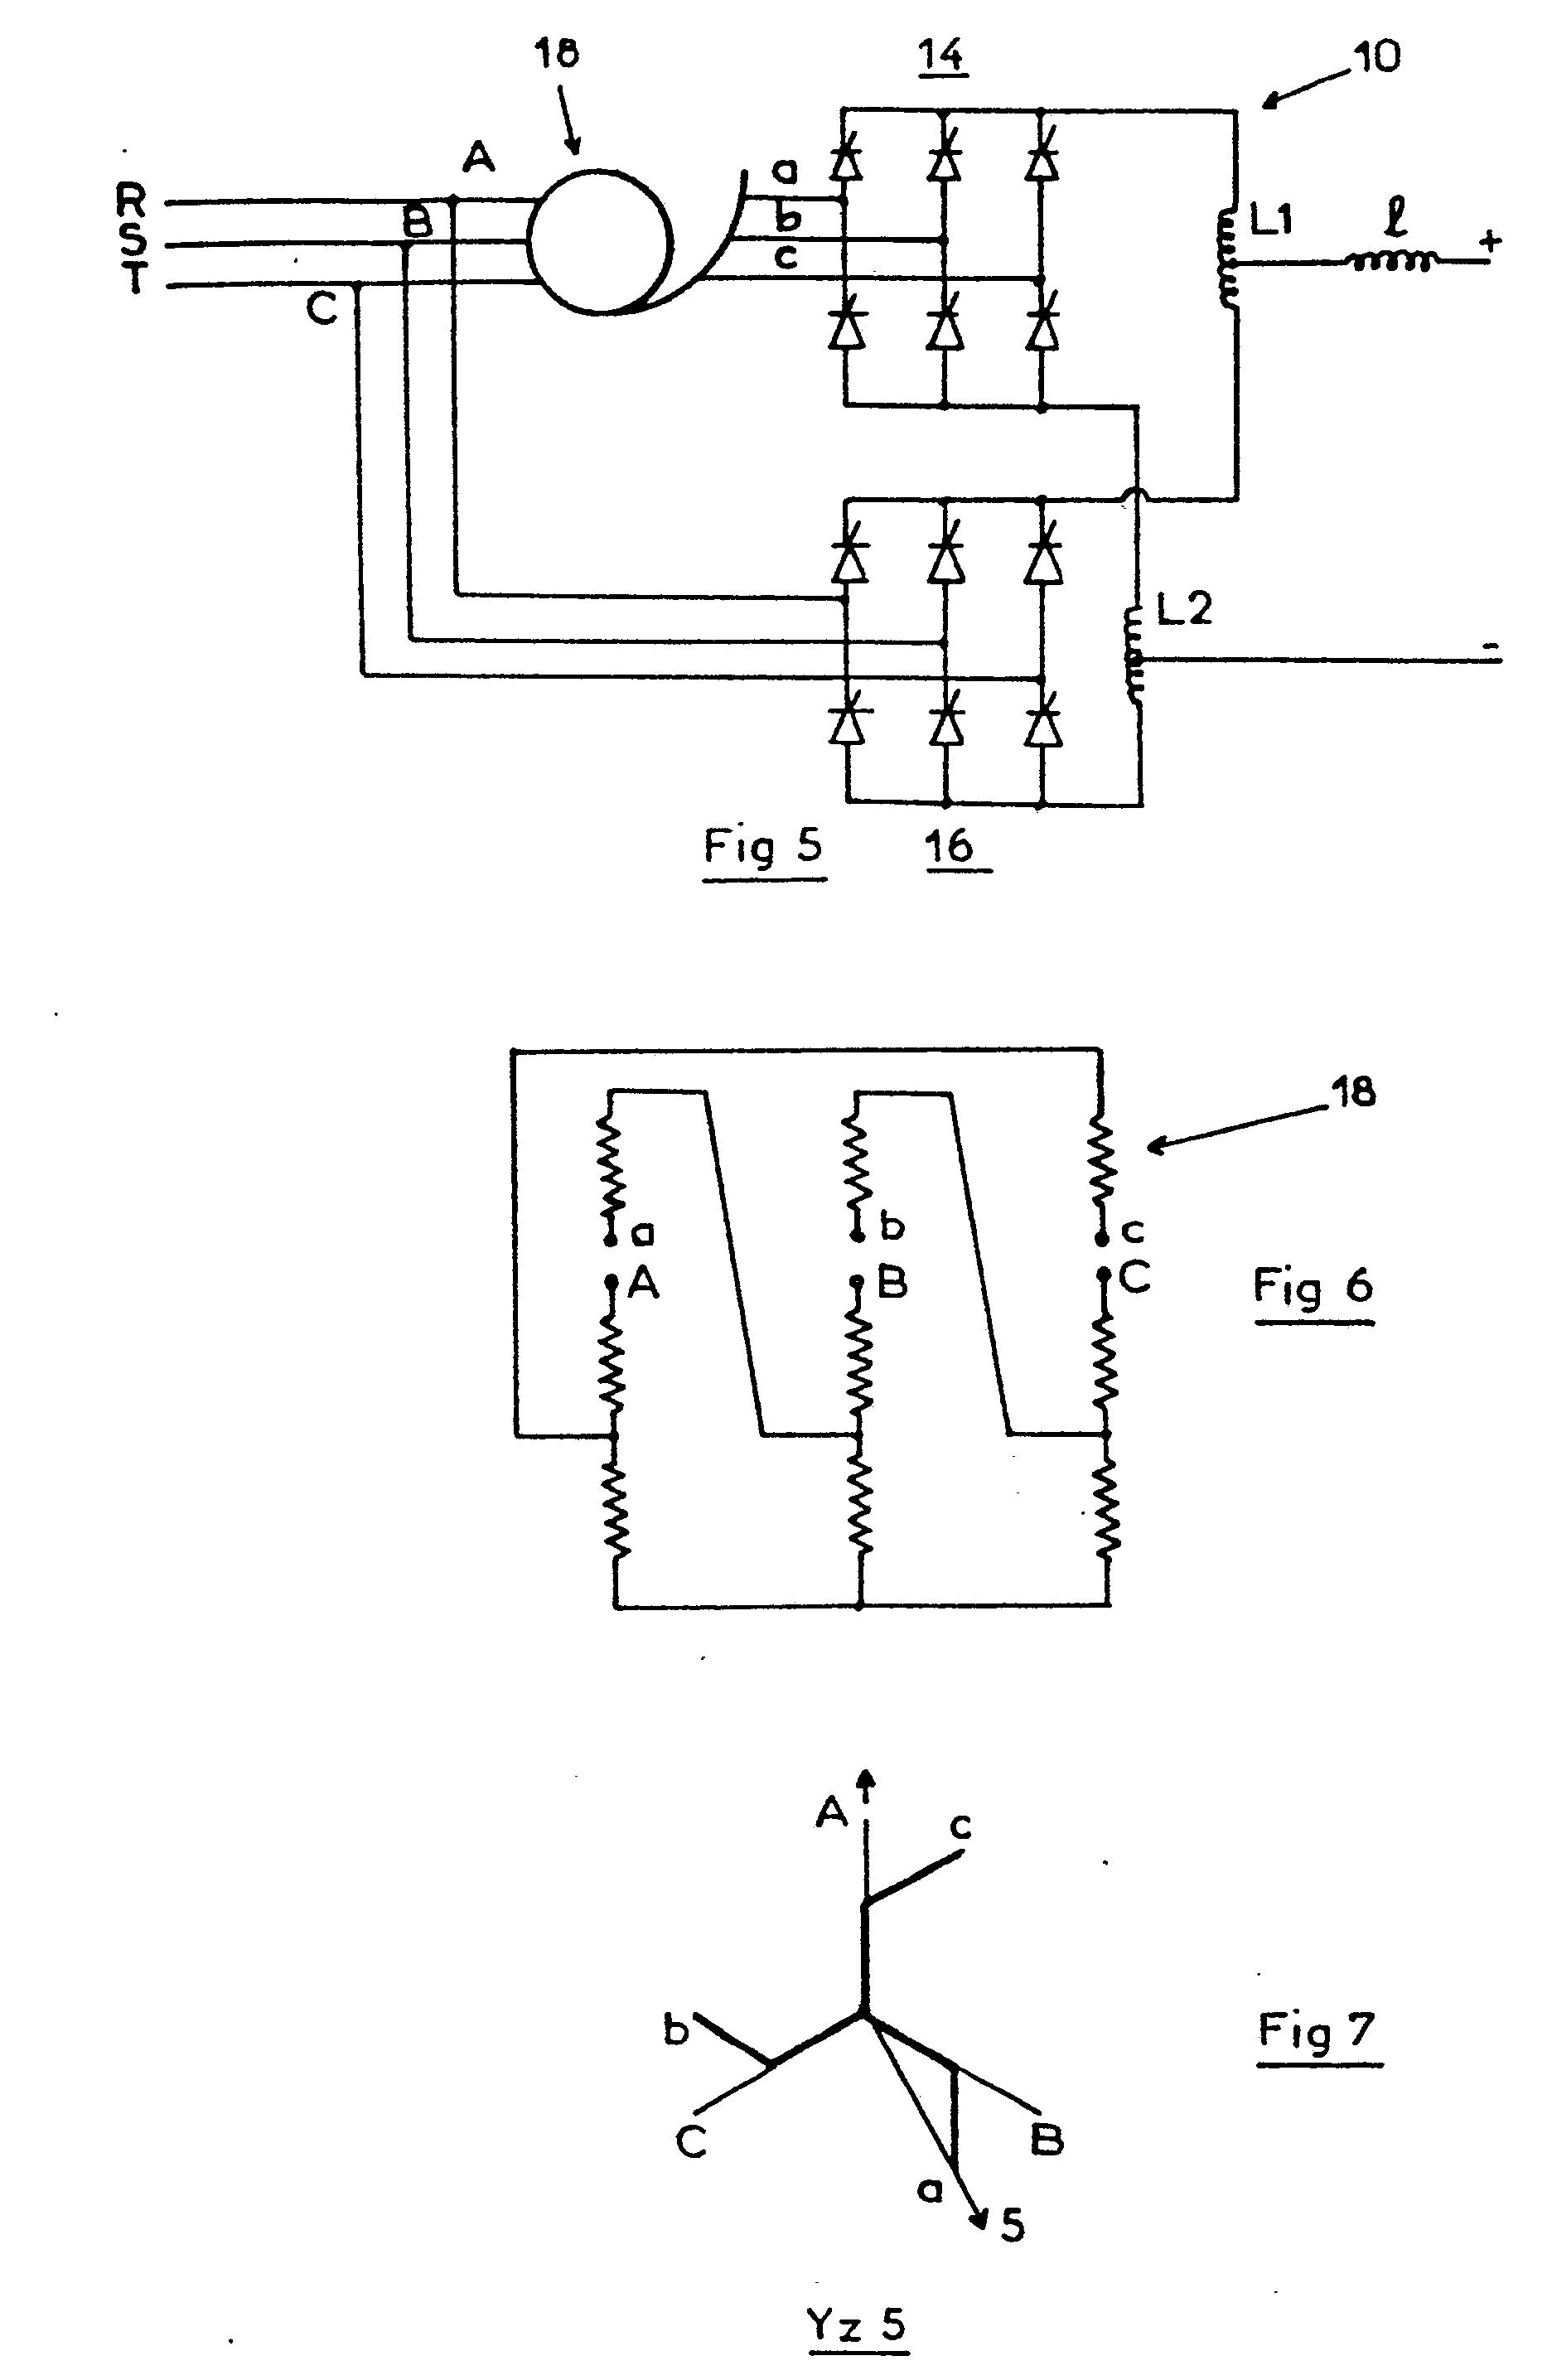 patent ep0080925b1 statischer gleichrichterumformer mit einer zwei graetzbr cken enthaltenden. Black Bedroom Furniture Sets. Home Design Ideas